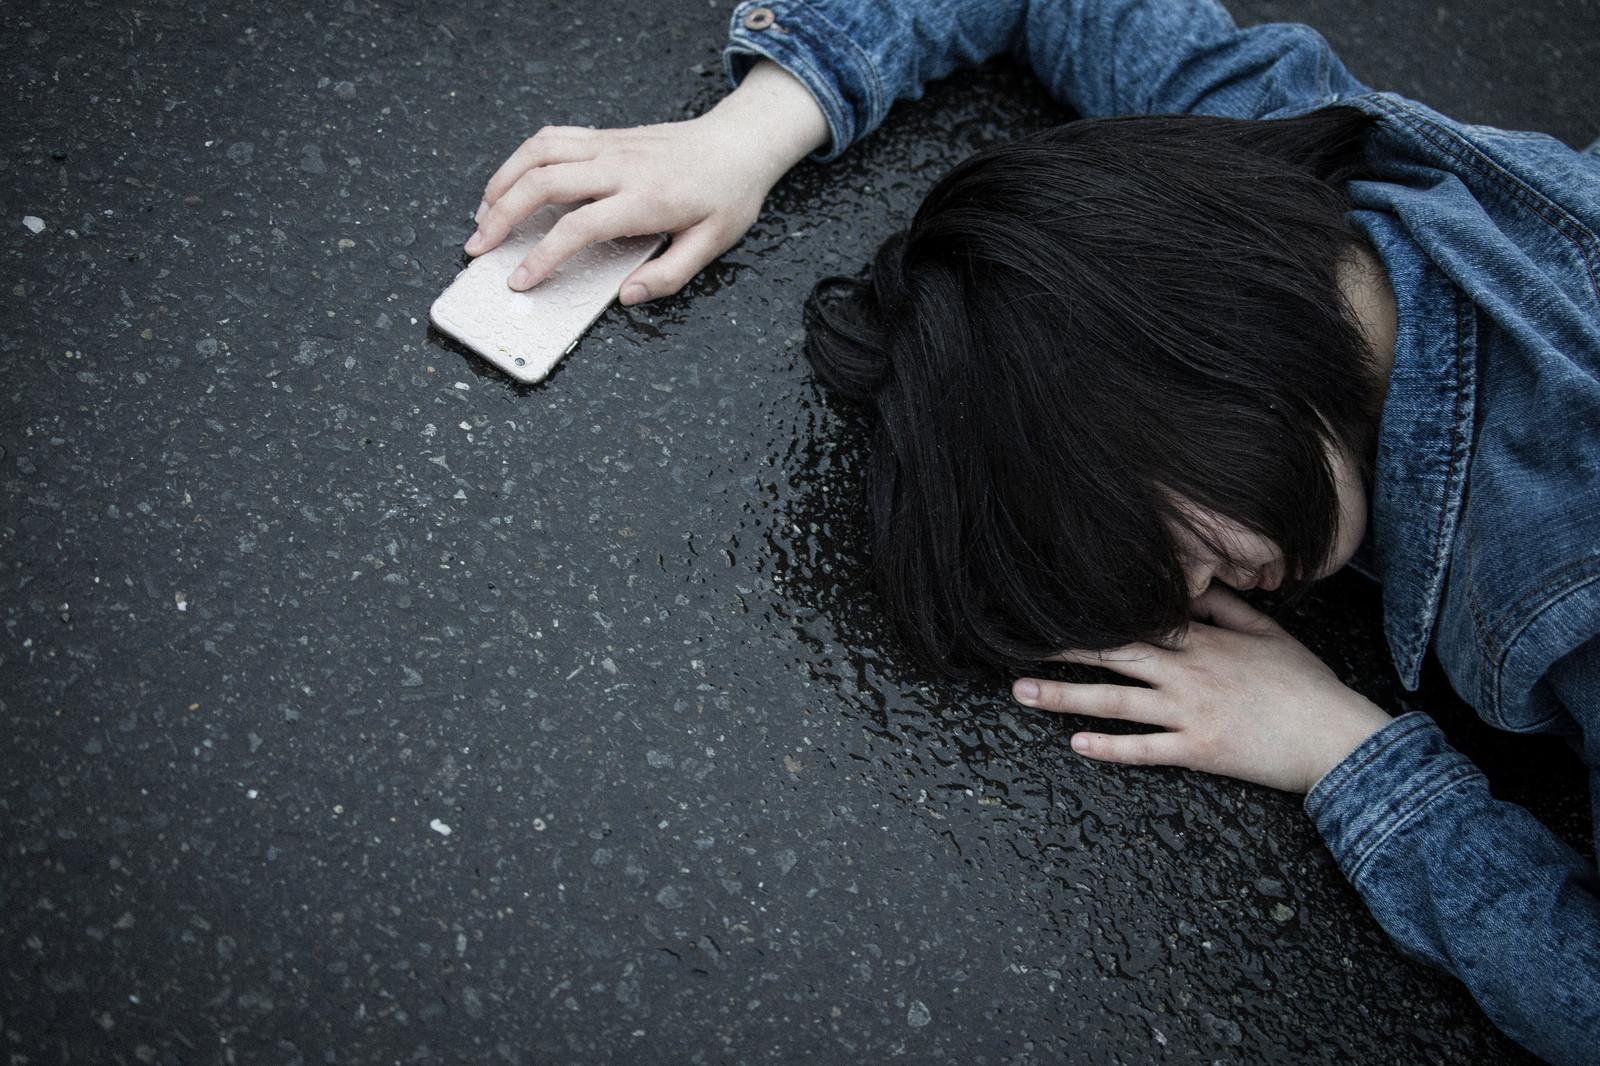 自殺ゲーム 青い鯨 意味 由来 ロシア 画像